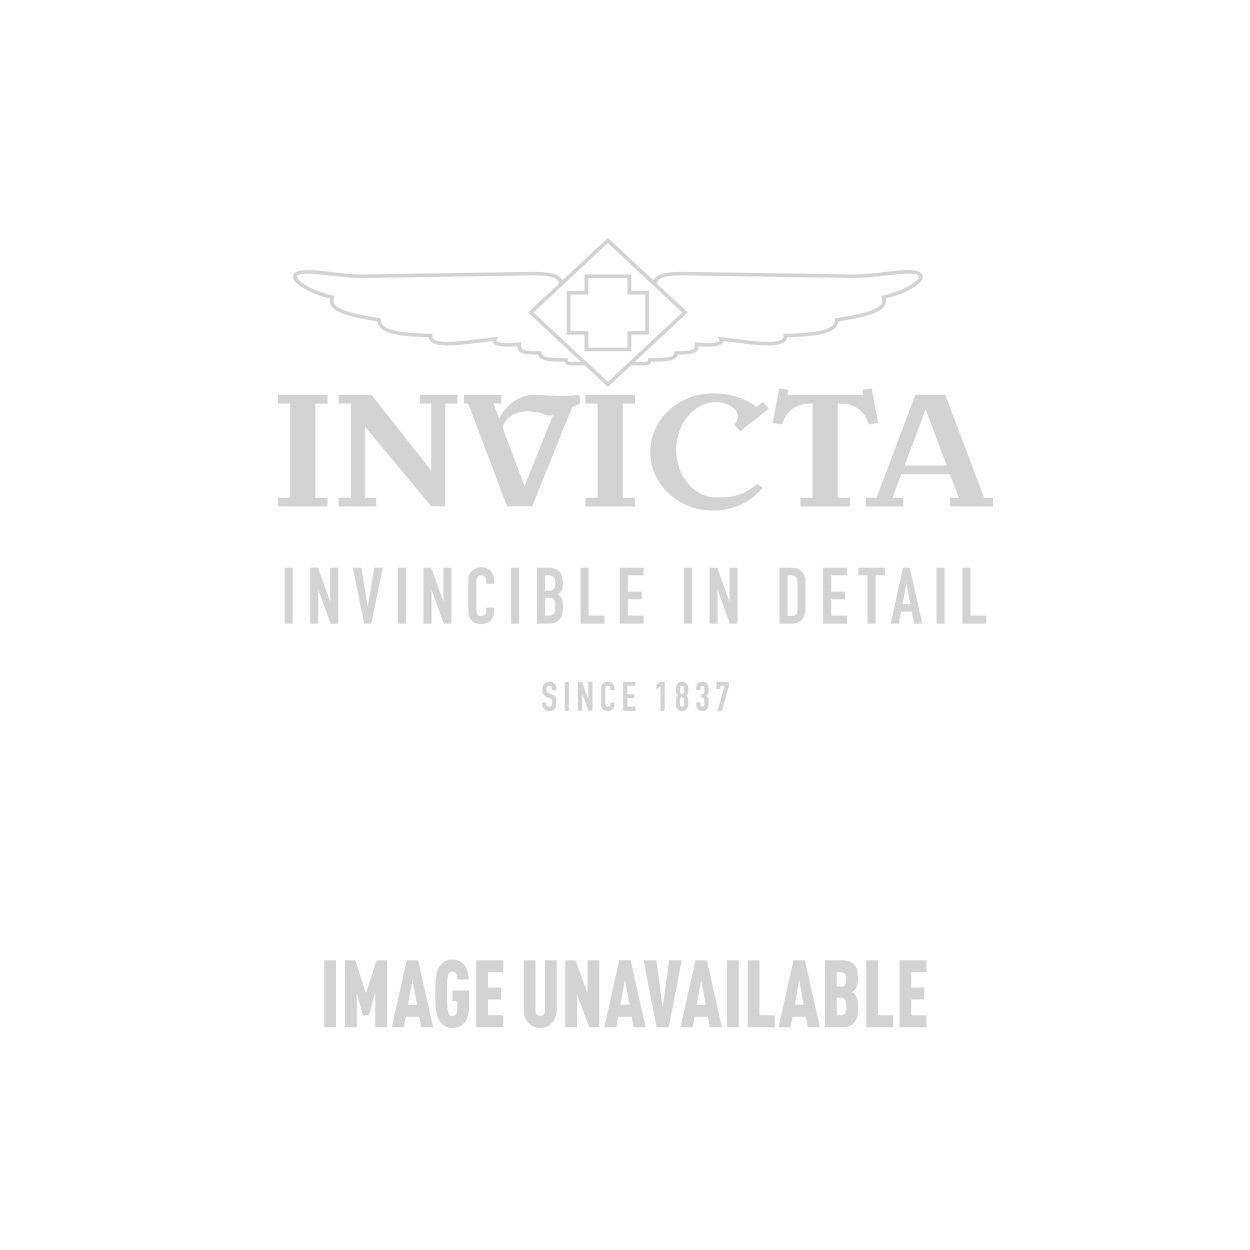 Invicta Model 28253